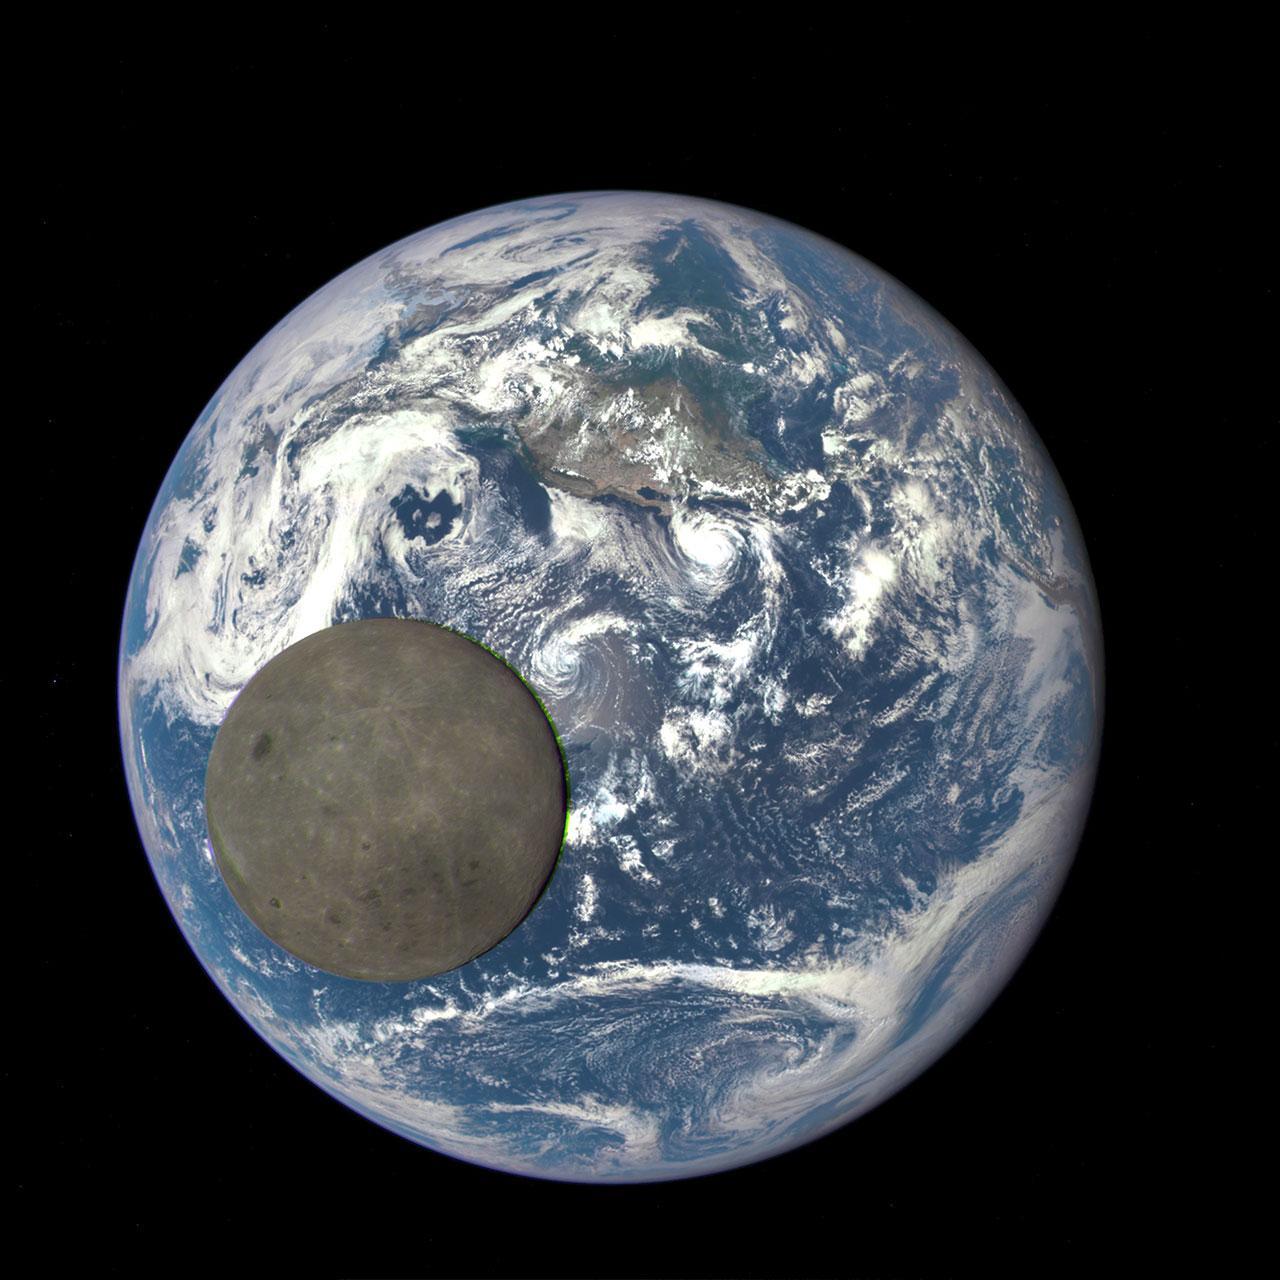 ภาพถ่ายด้านหลังดวงจันทร์ ที่คู่ขนานกับโลก